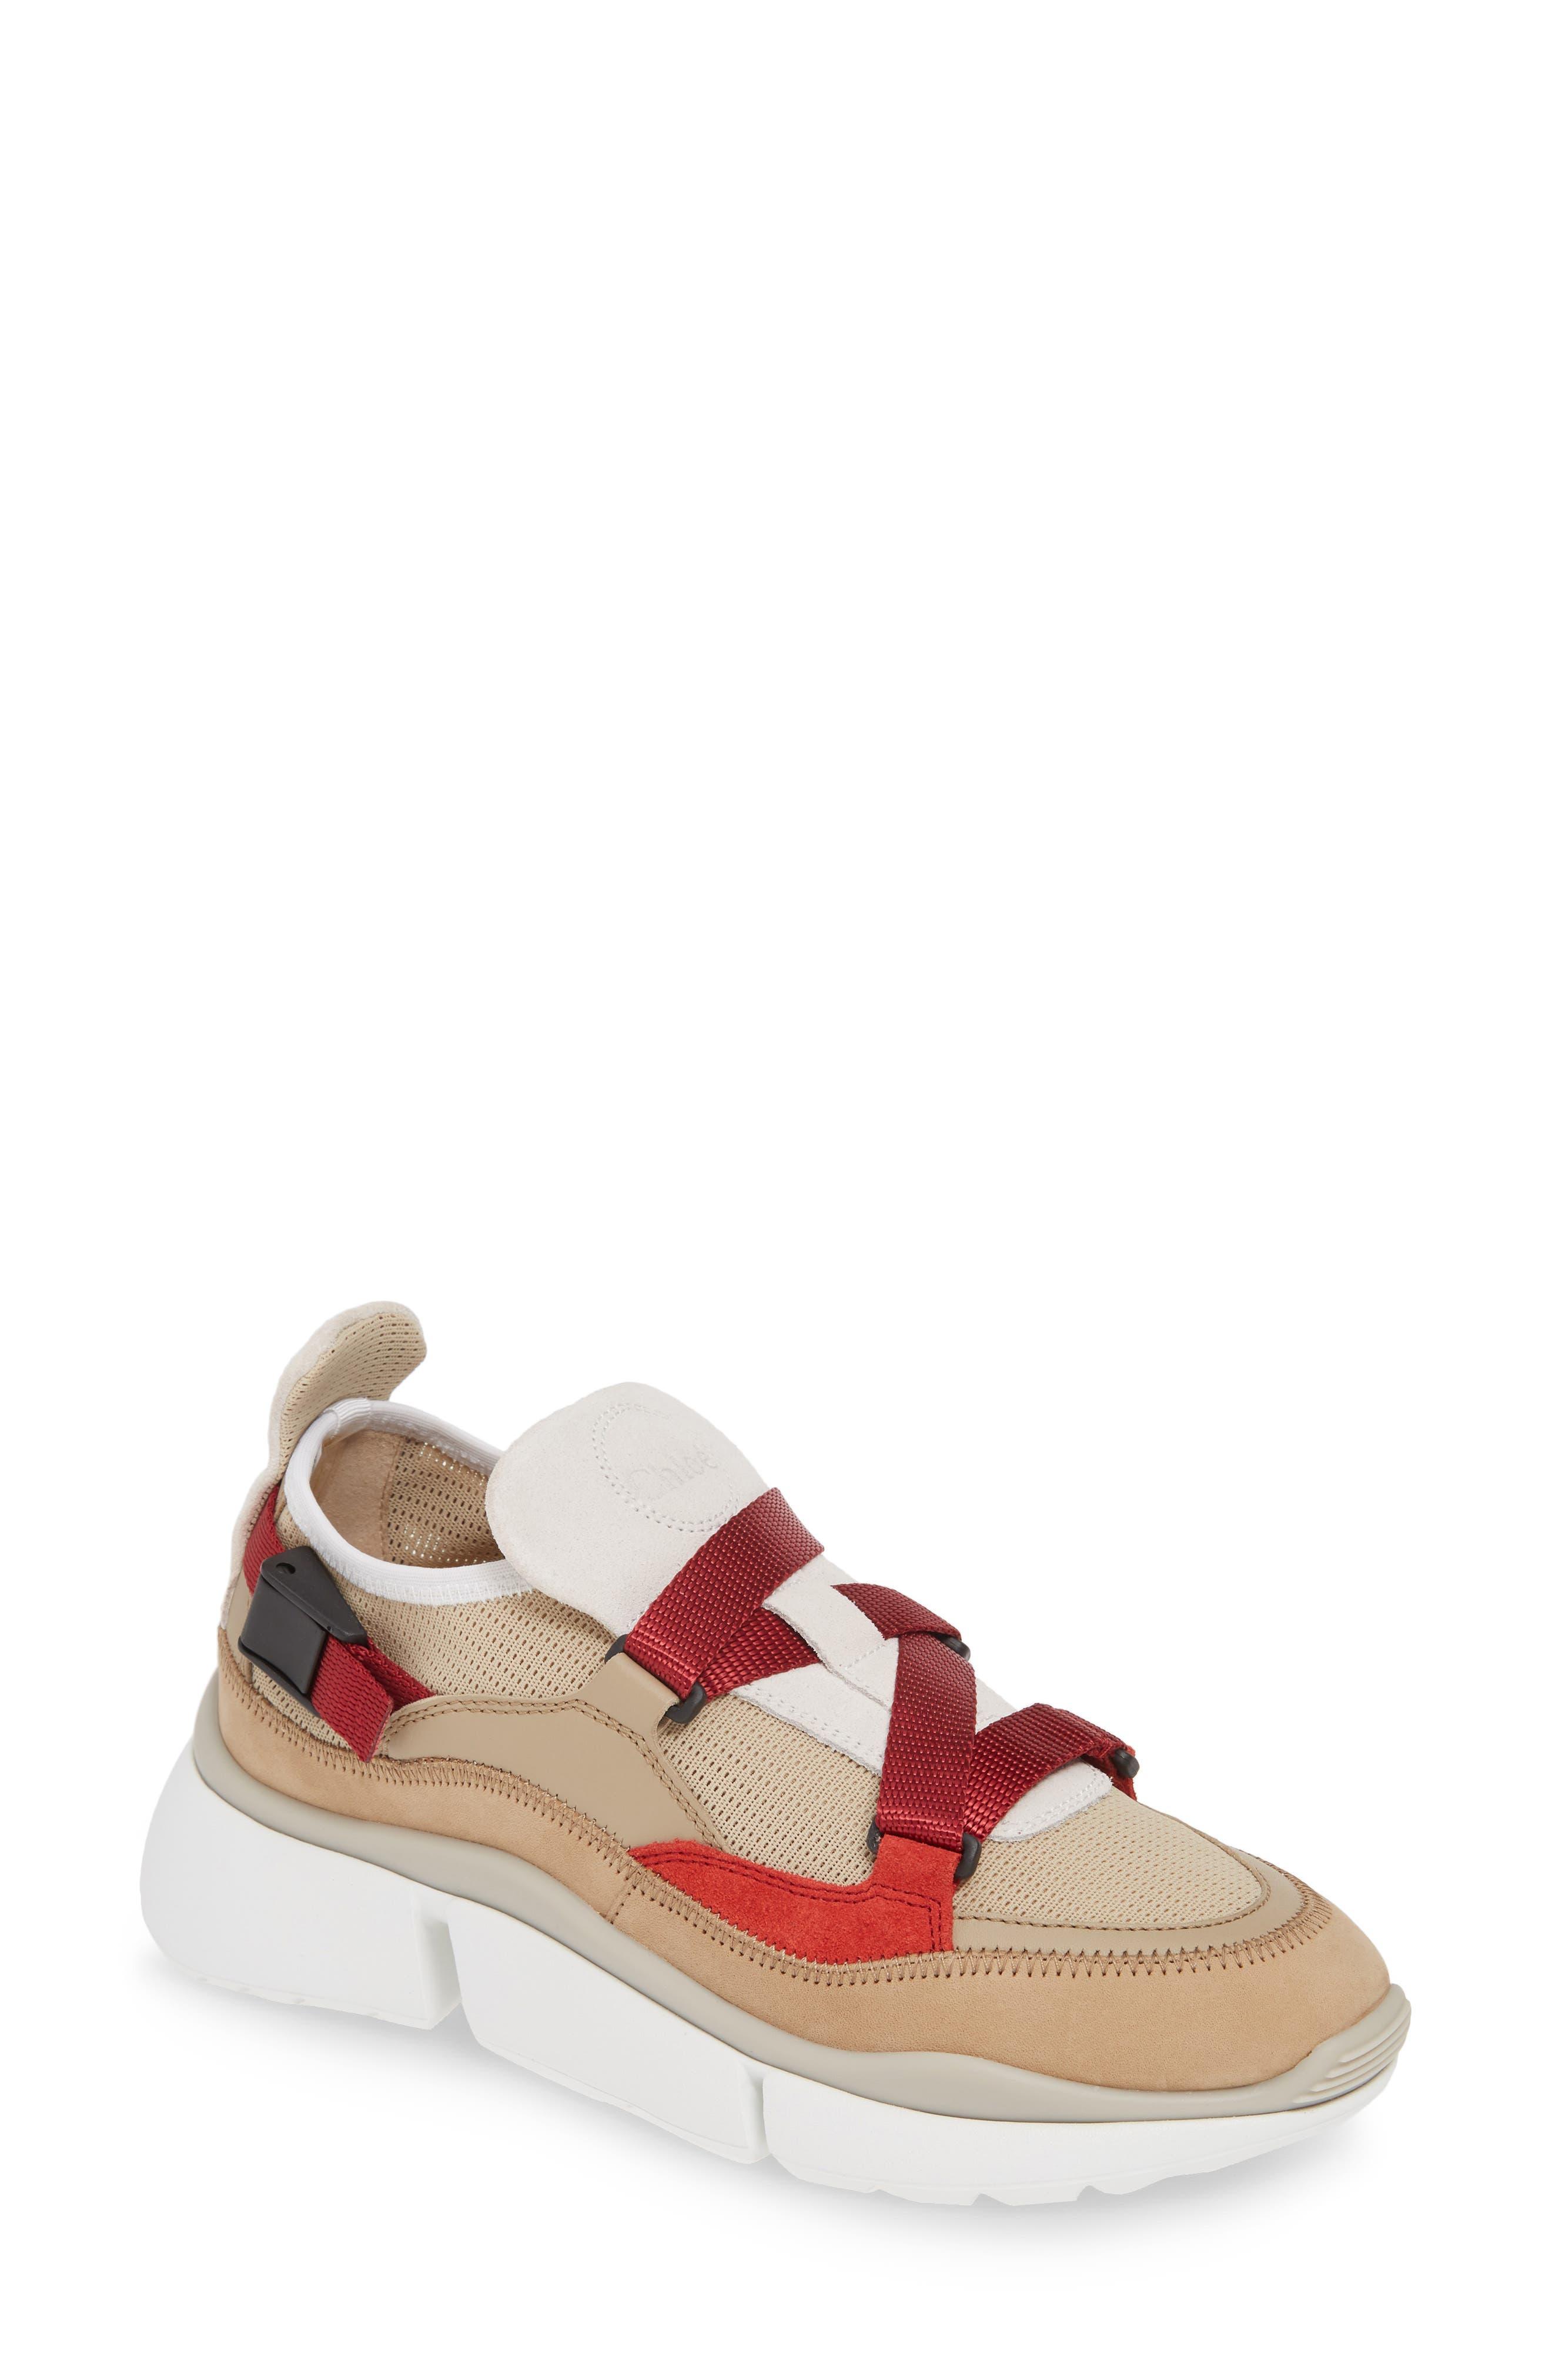 Chloe Sonnie Low Top Sneaker, Beige